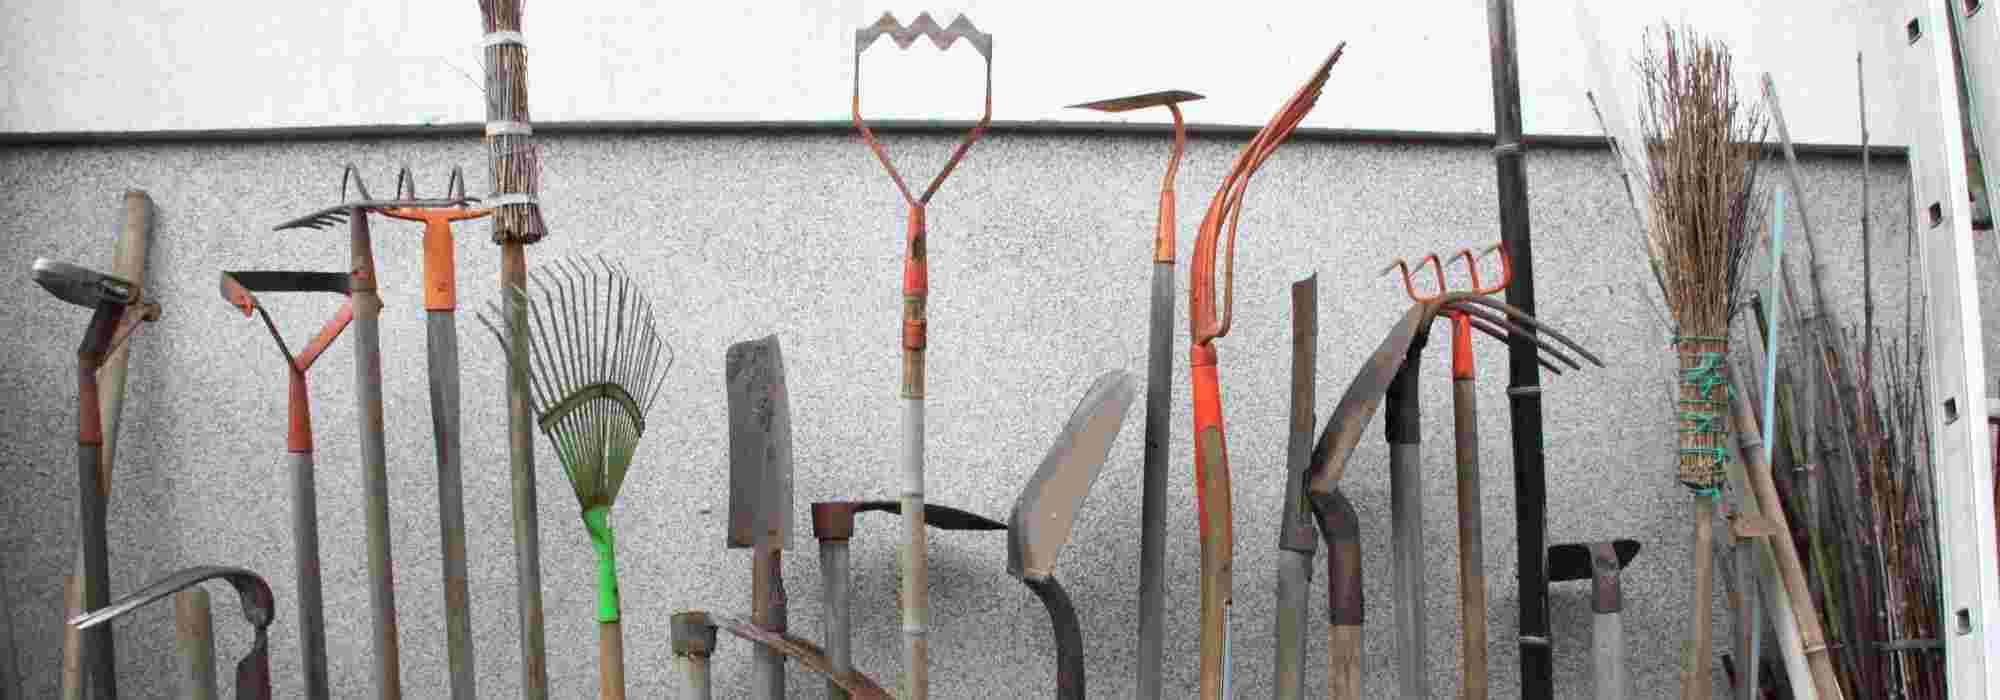 Lynn Pince /à /ébavurer pour roses outil de fleuriste outil d/épine feuilles de d/écapage tige d/épine outil de jardinage